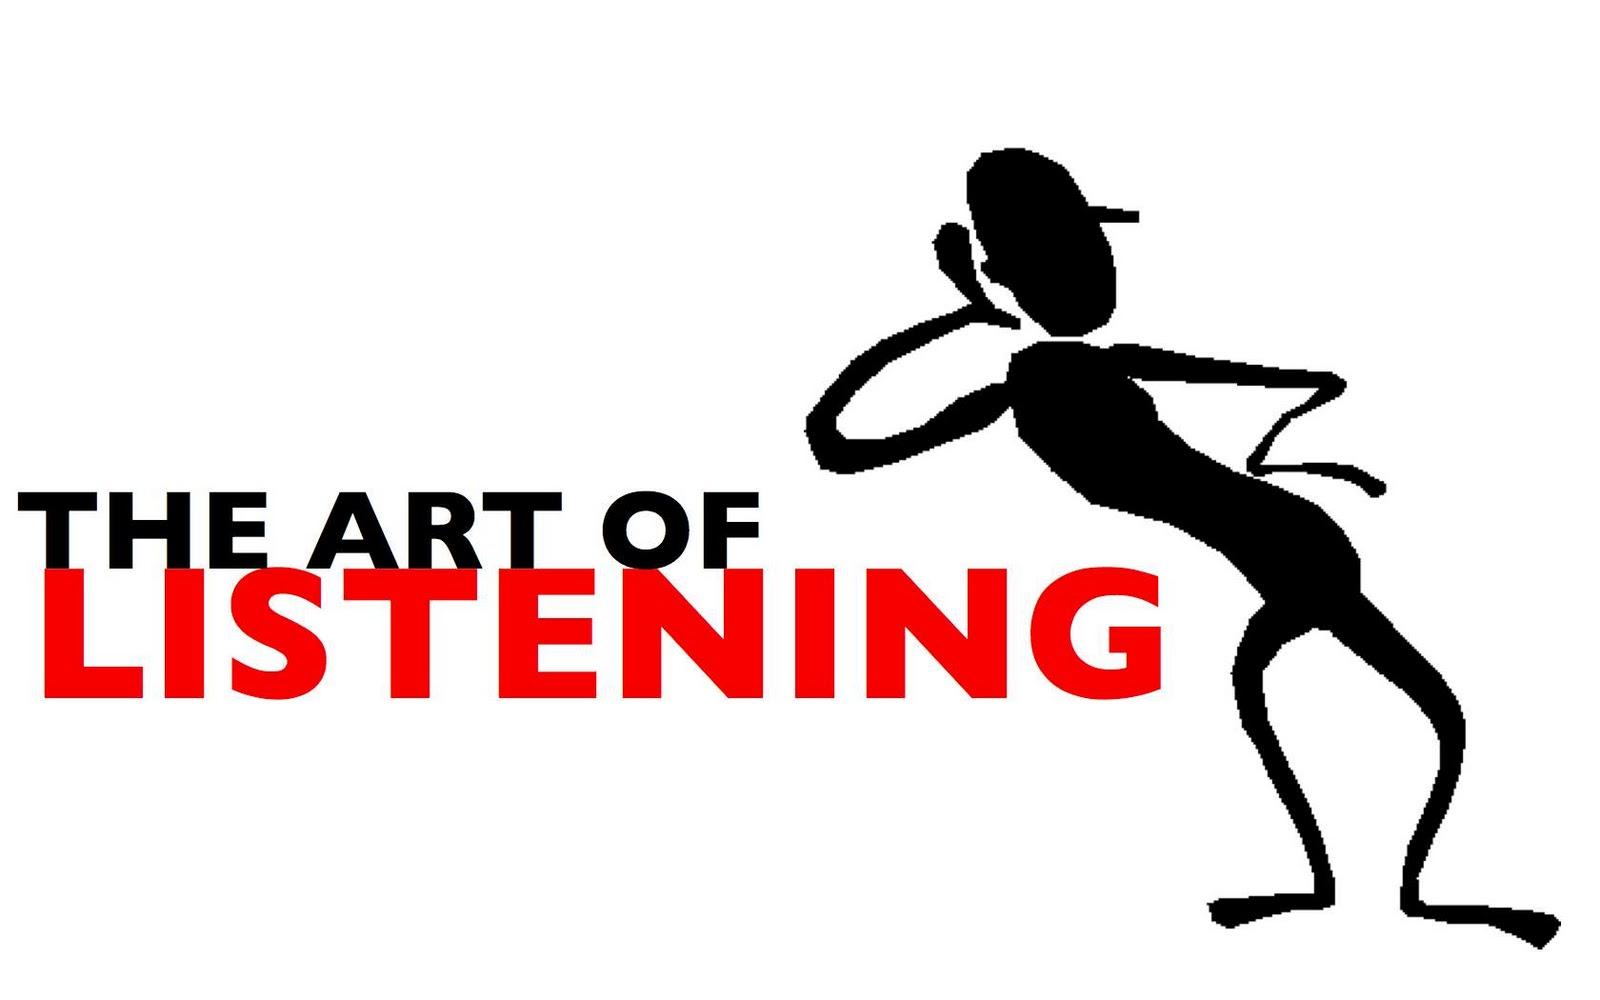 Bí quyết học tieng Anh giao tiep - Cải thiện kỹ năng nghe 2